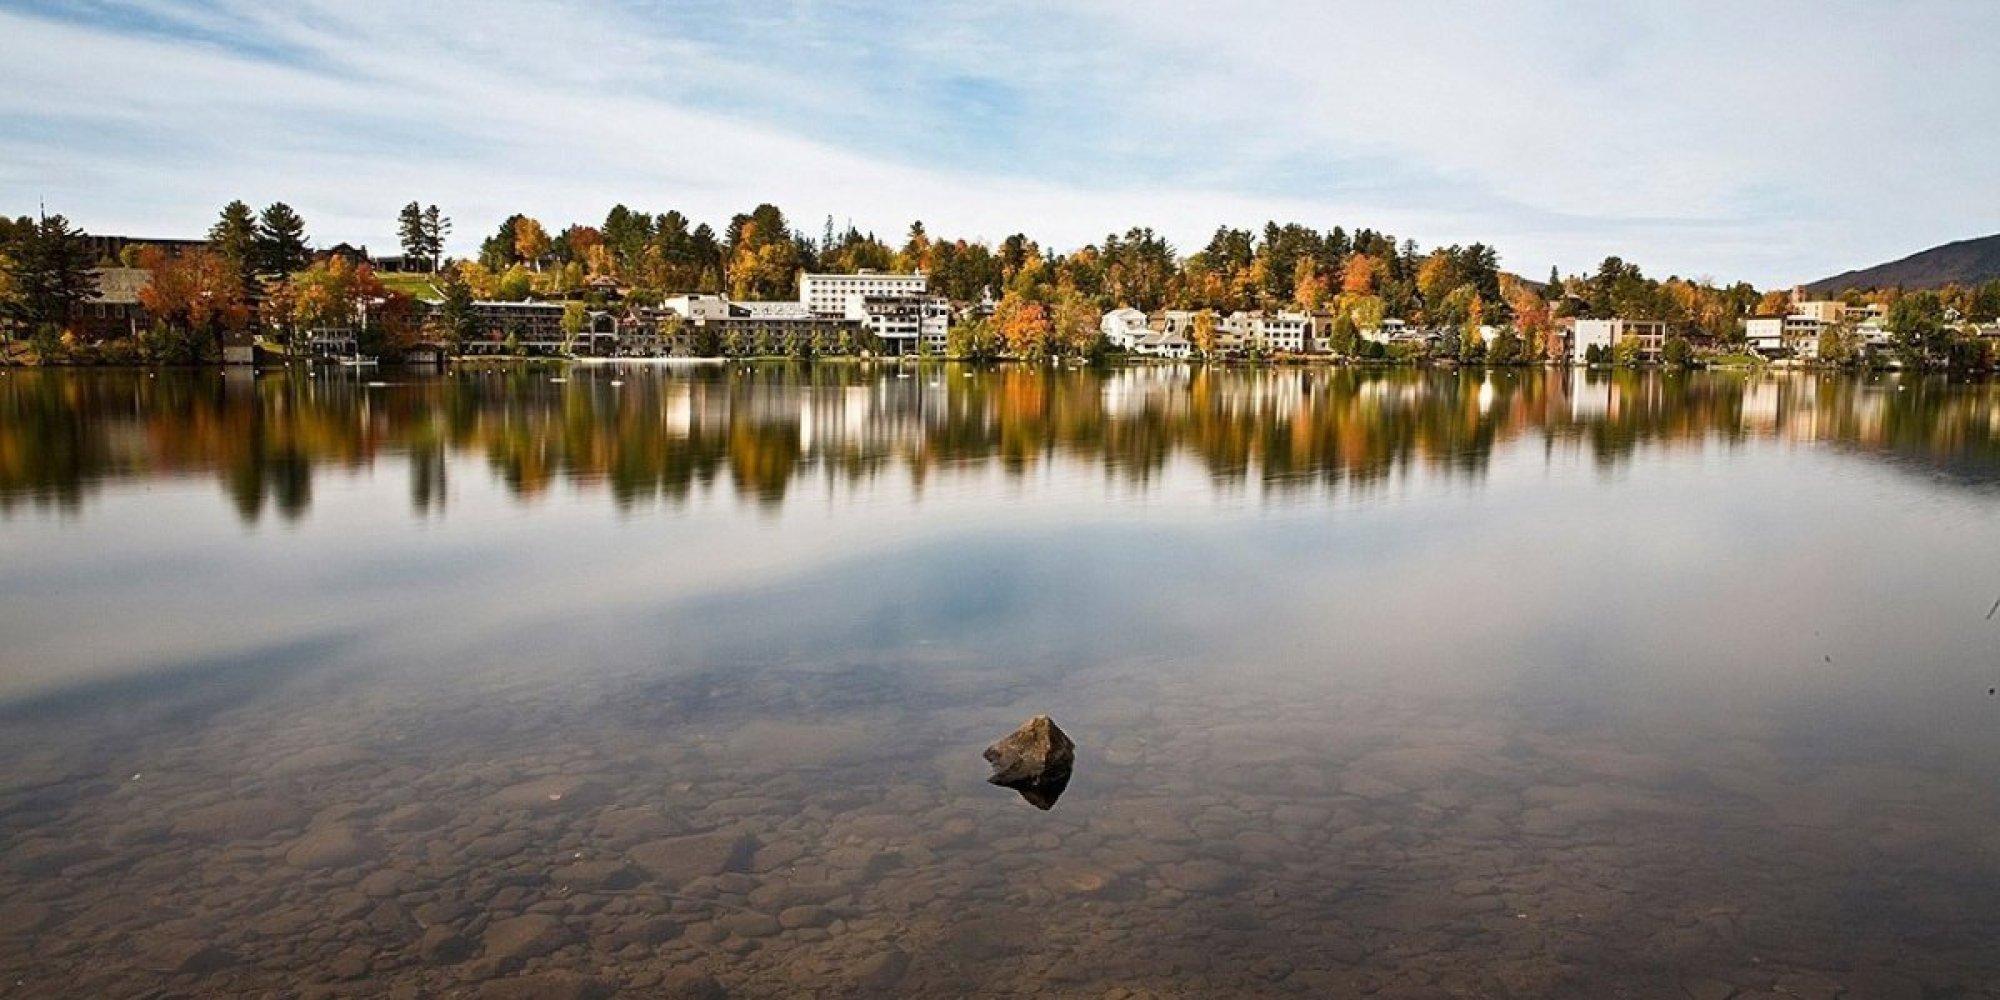 Lake Placid Pictures - Traveler Photos of Lake Placid, NY - TripAdvisor Lake placid ny photos